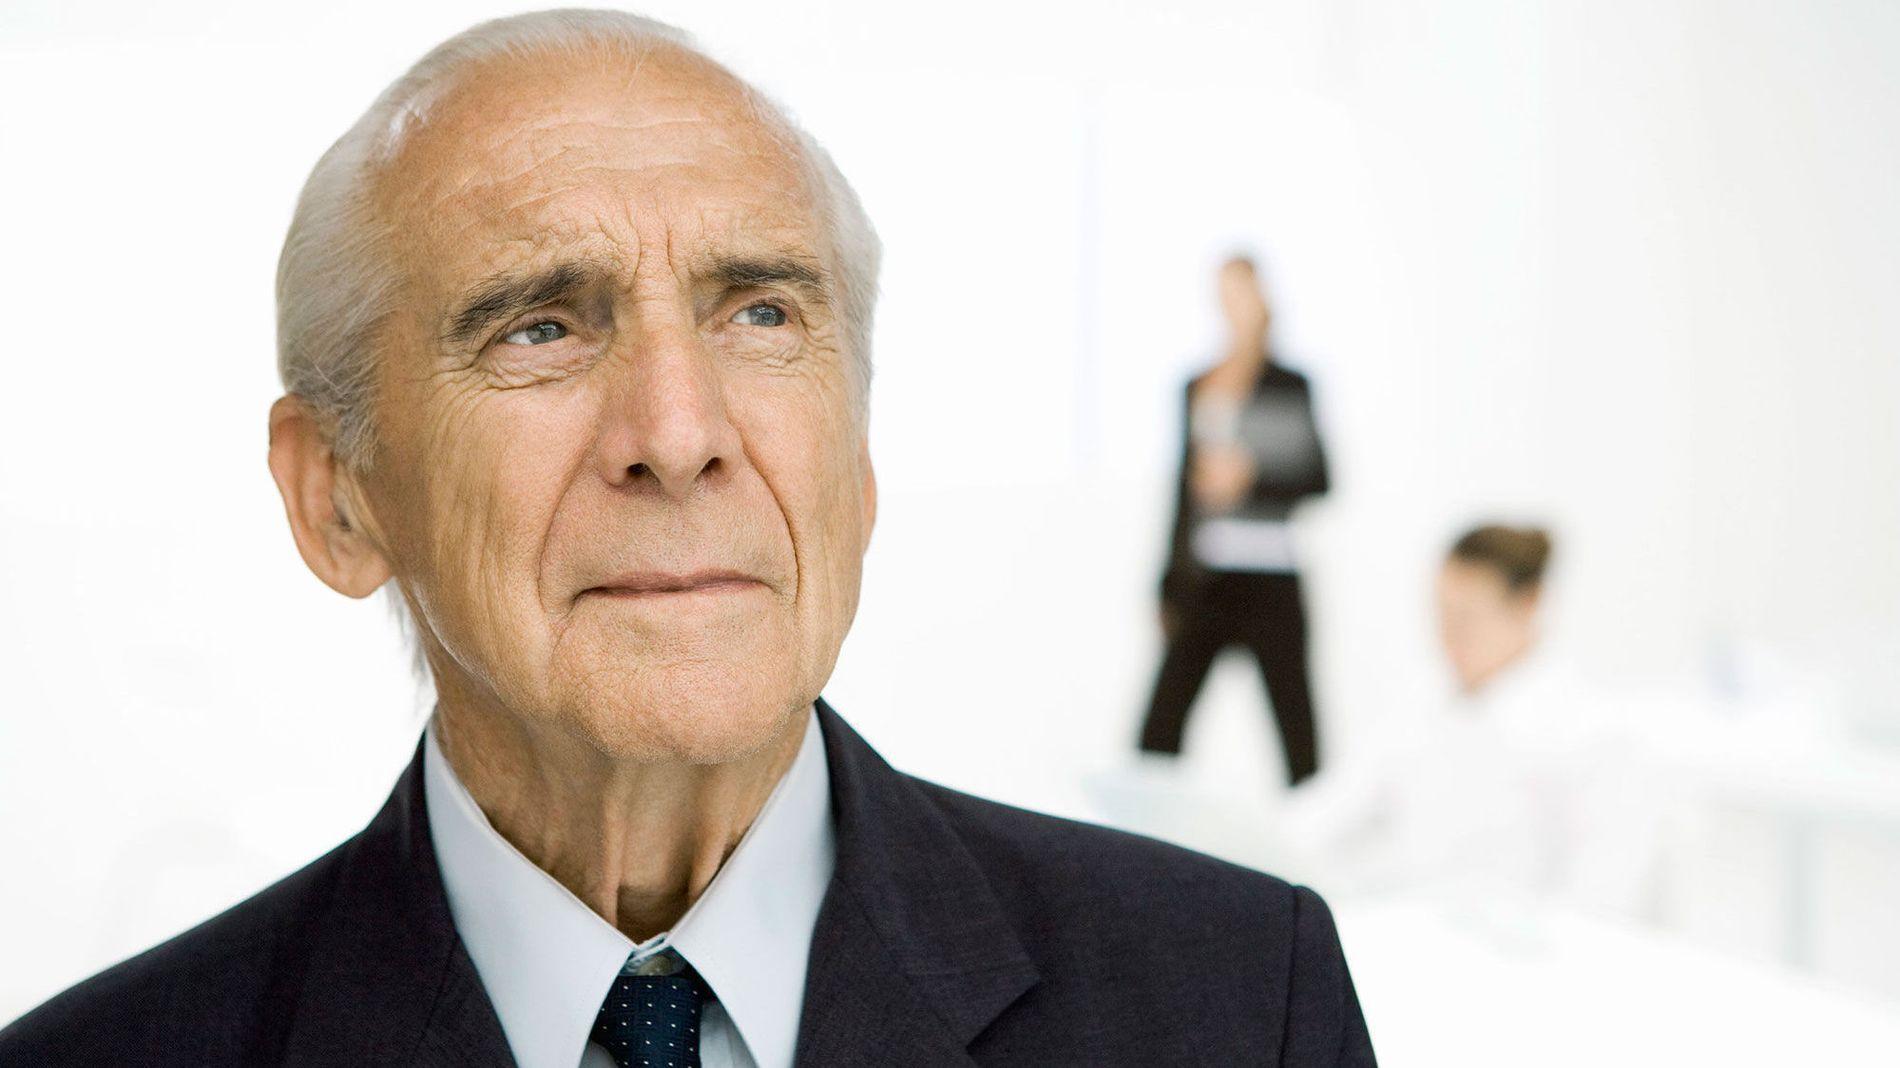 BEKYMRET: Når kan du egentlig bli tvunget til å gå av med pensjon?